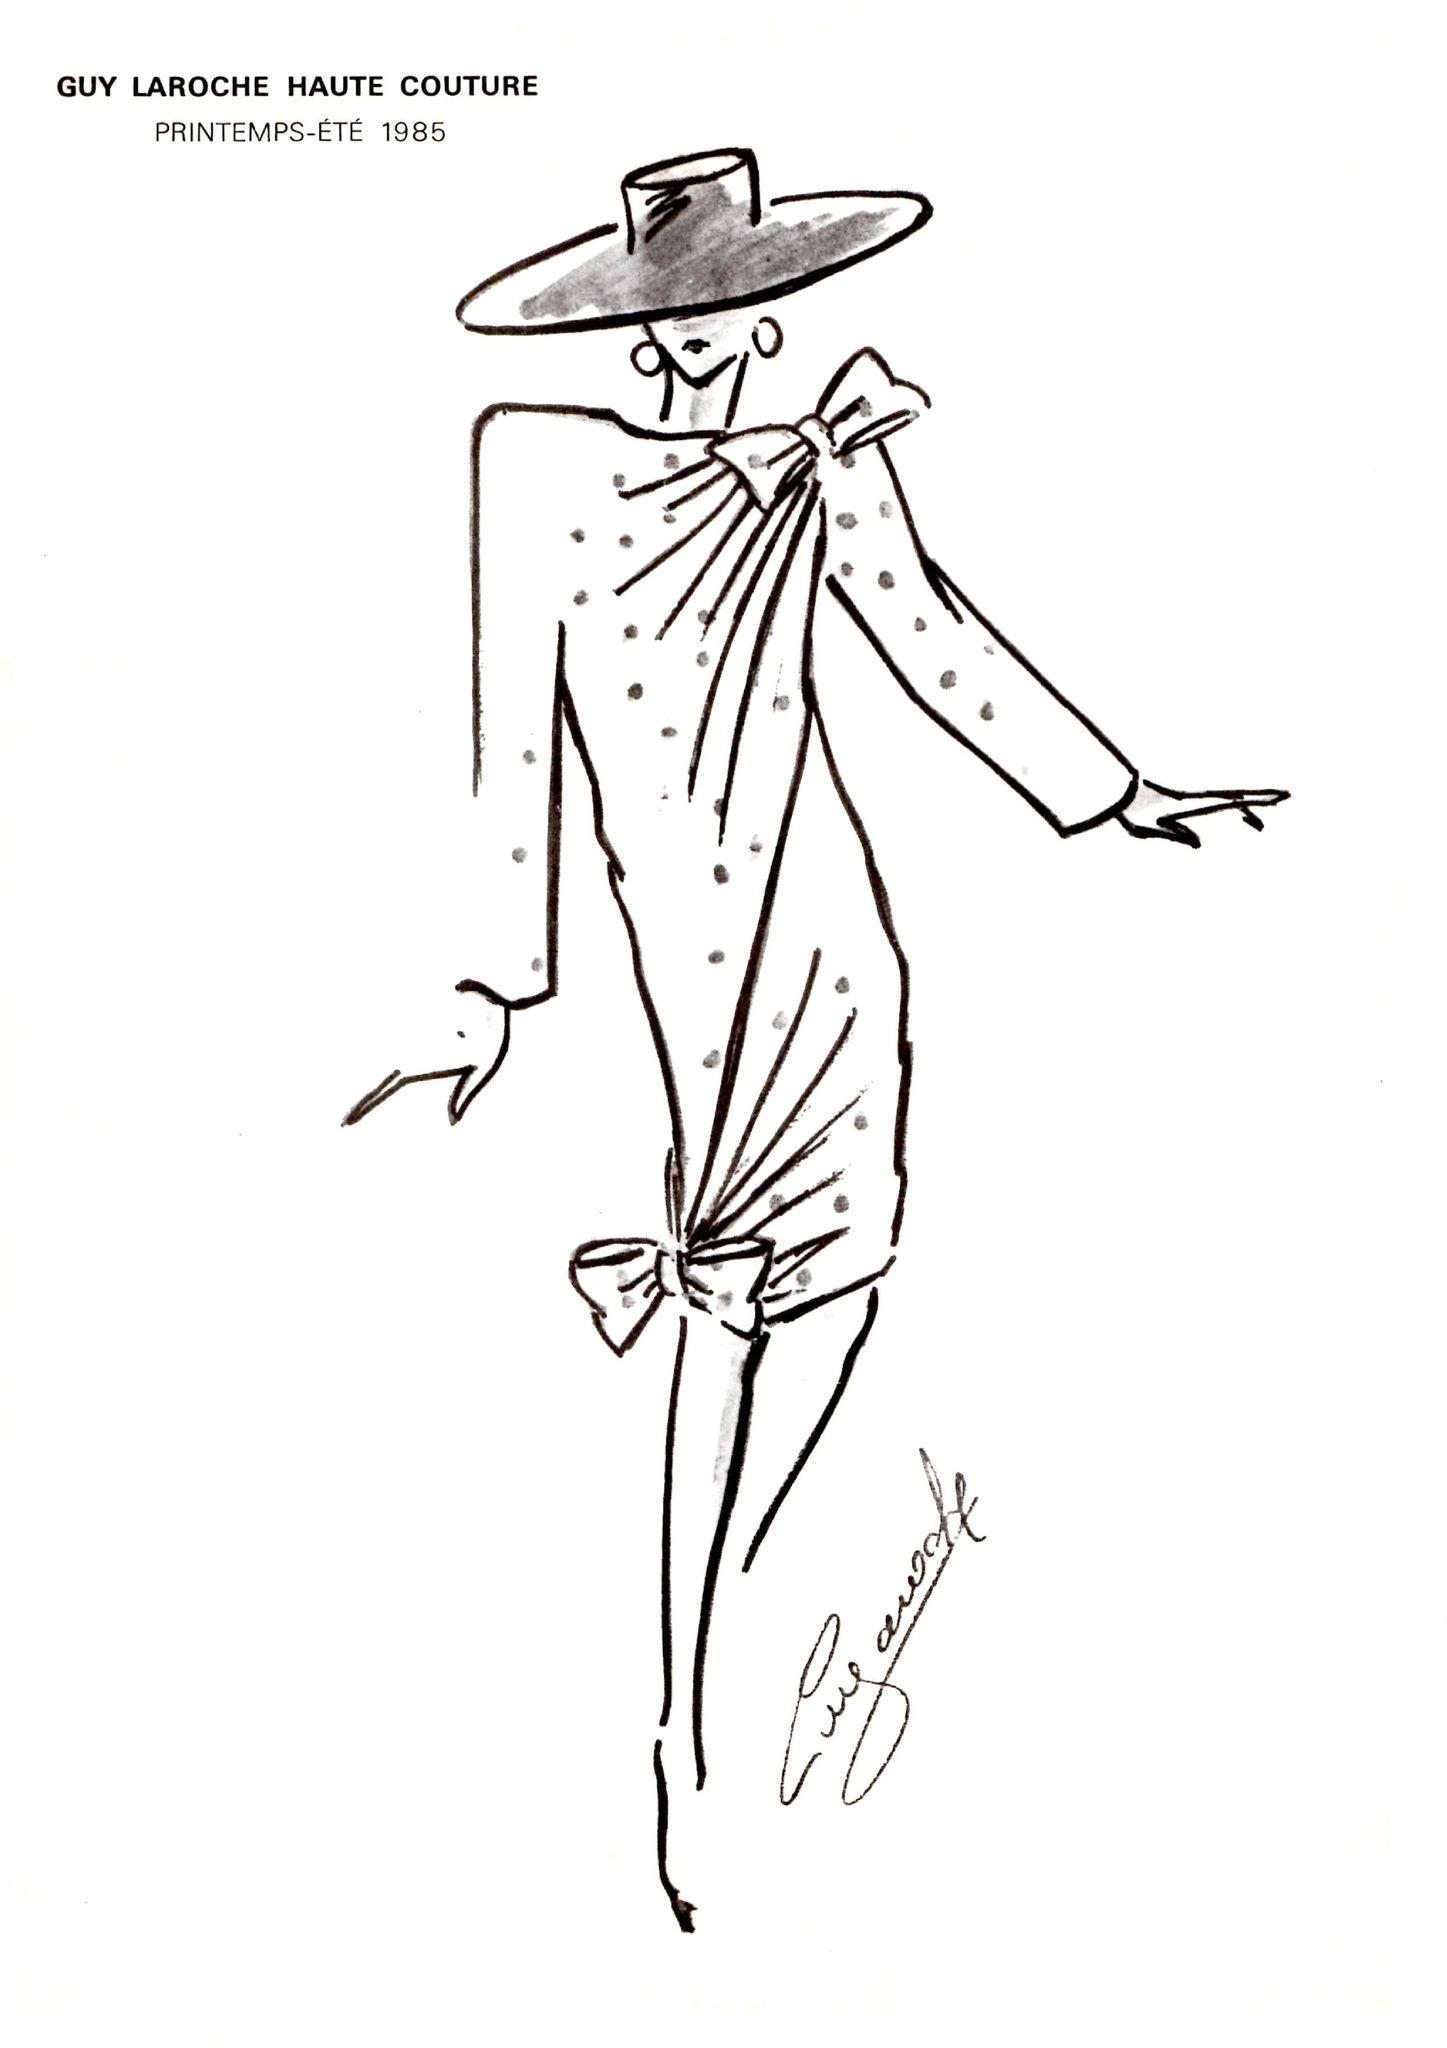 Guy Laroche Haute Couture